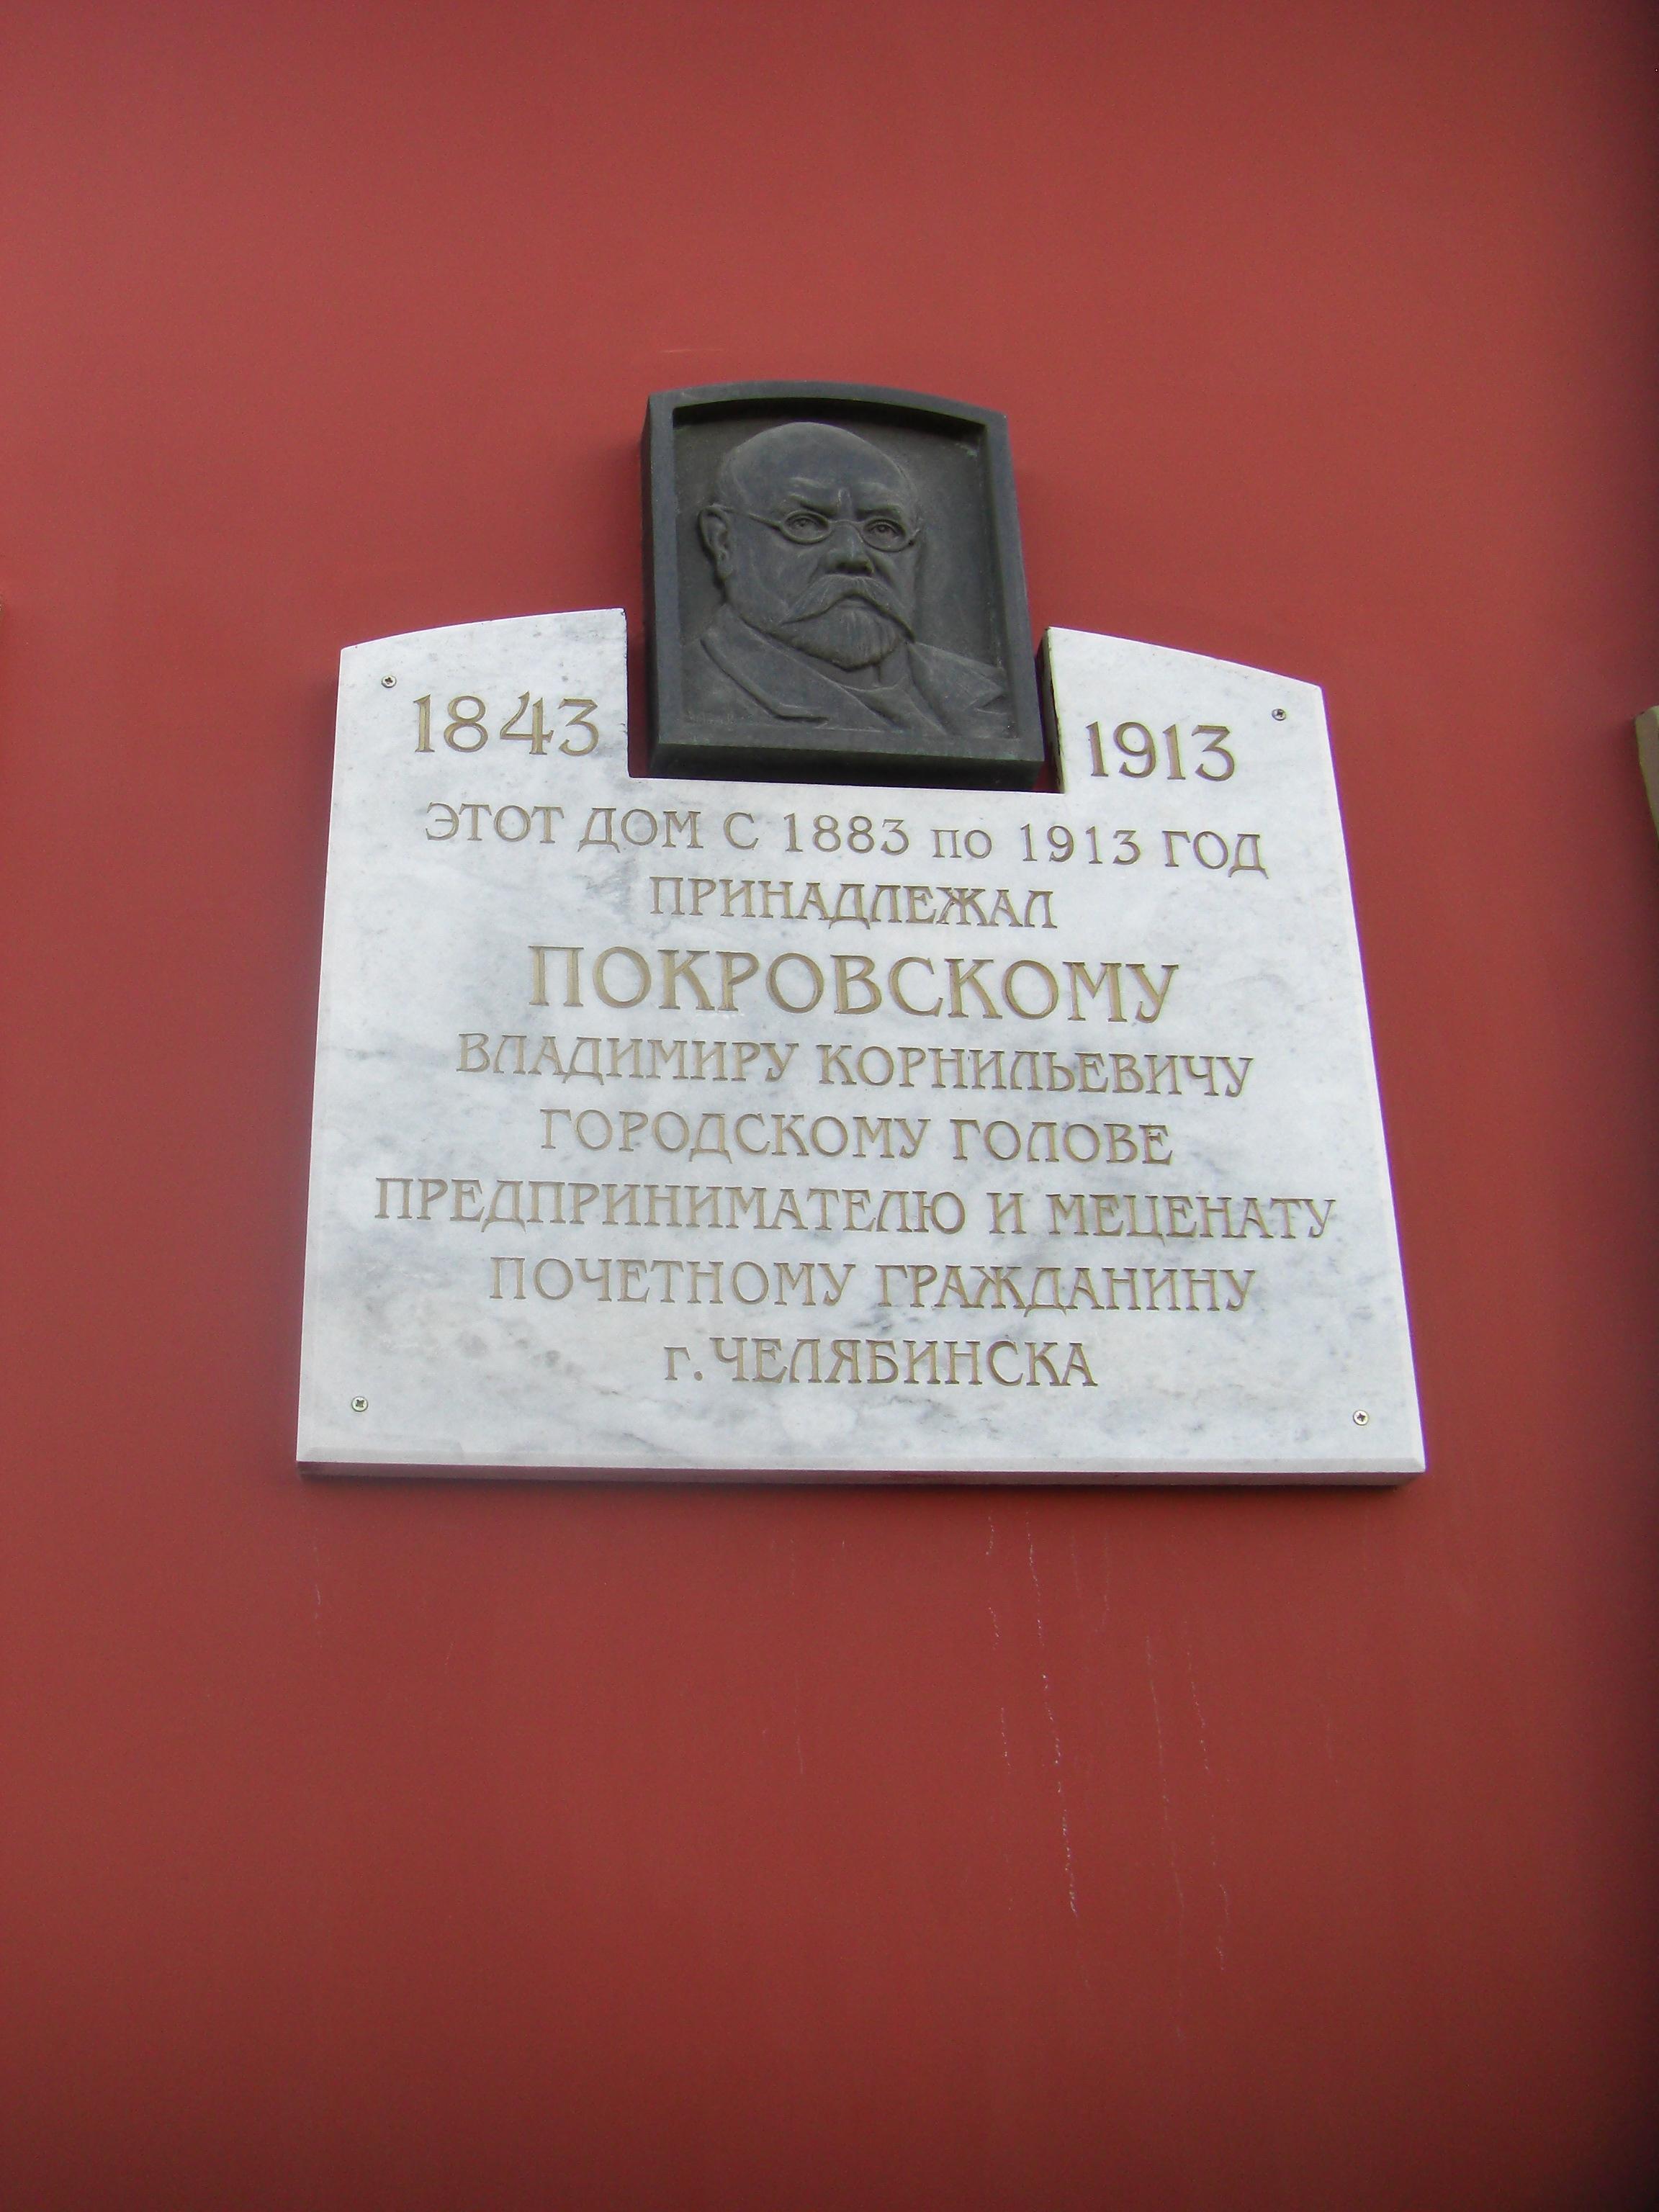 Памятная доска В.К.Покровскому, почетному гражданину Челябинска (10.11.2014)